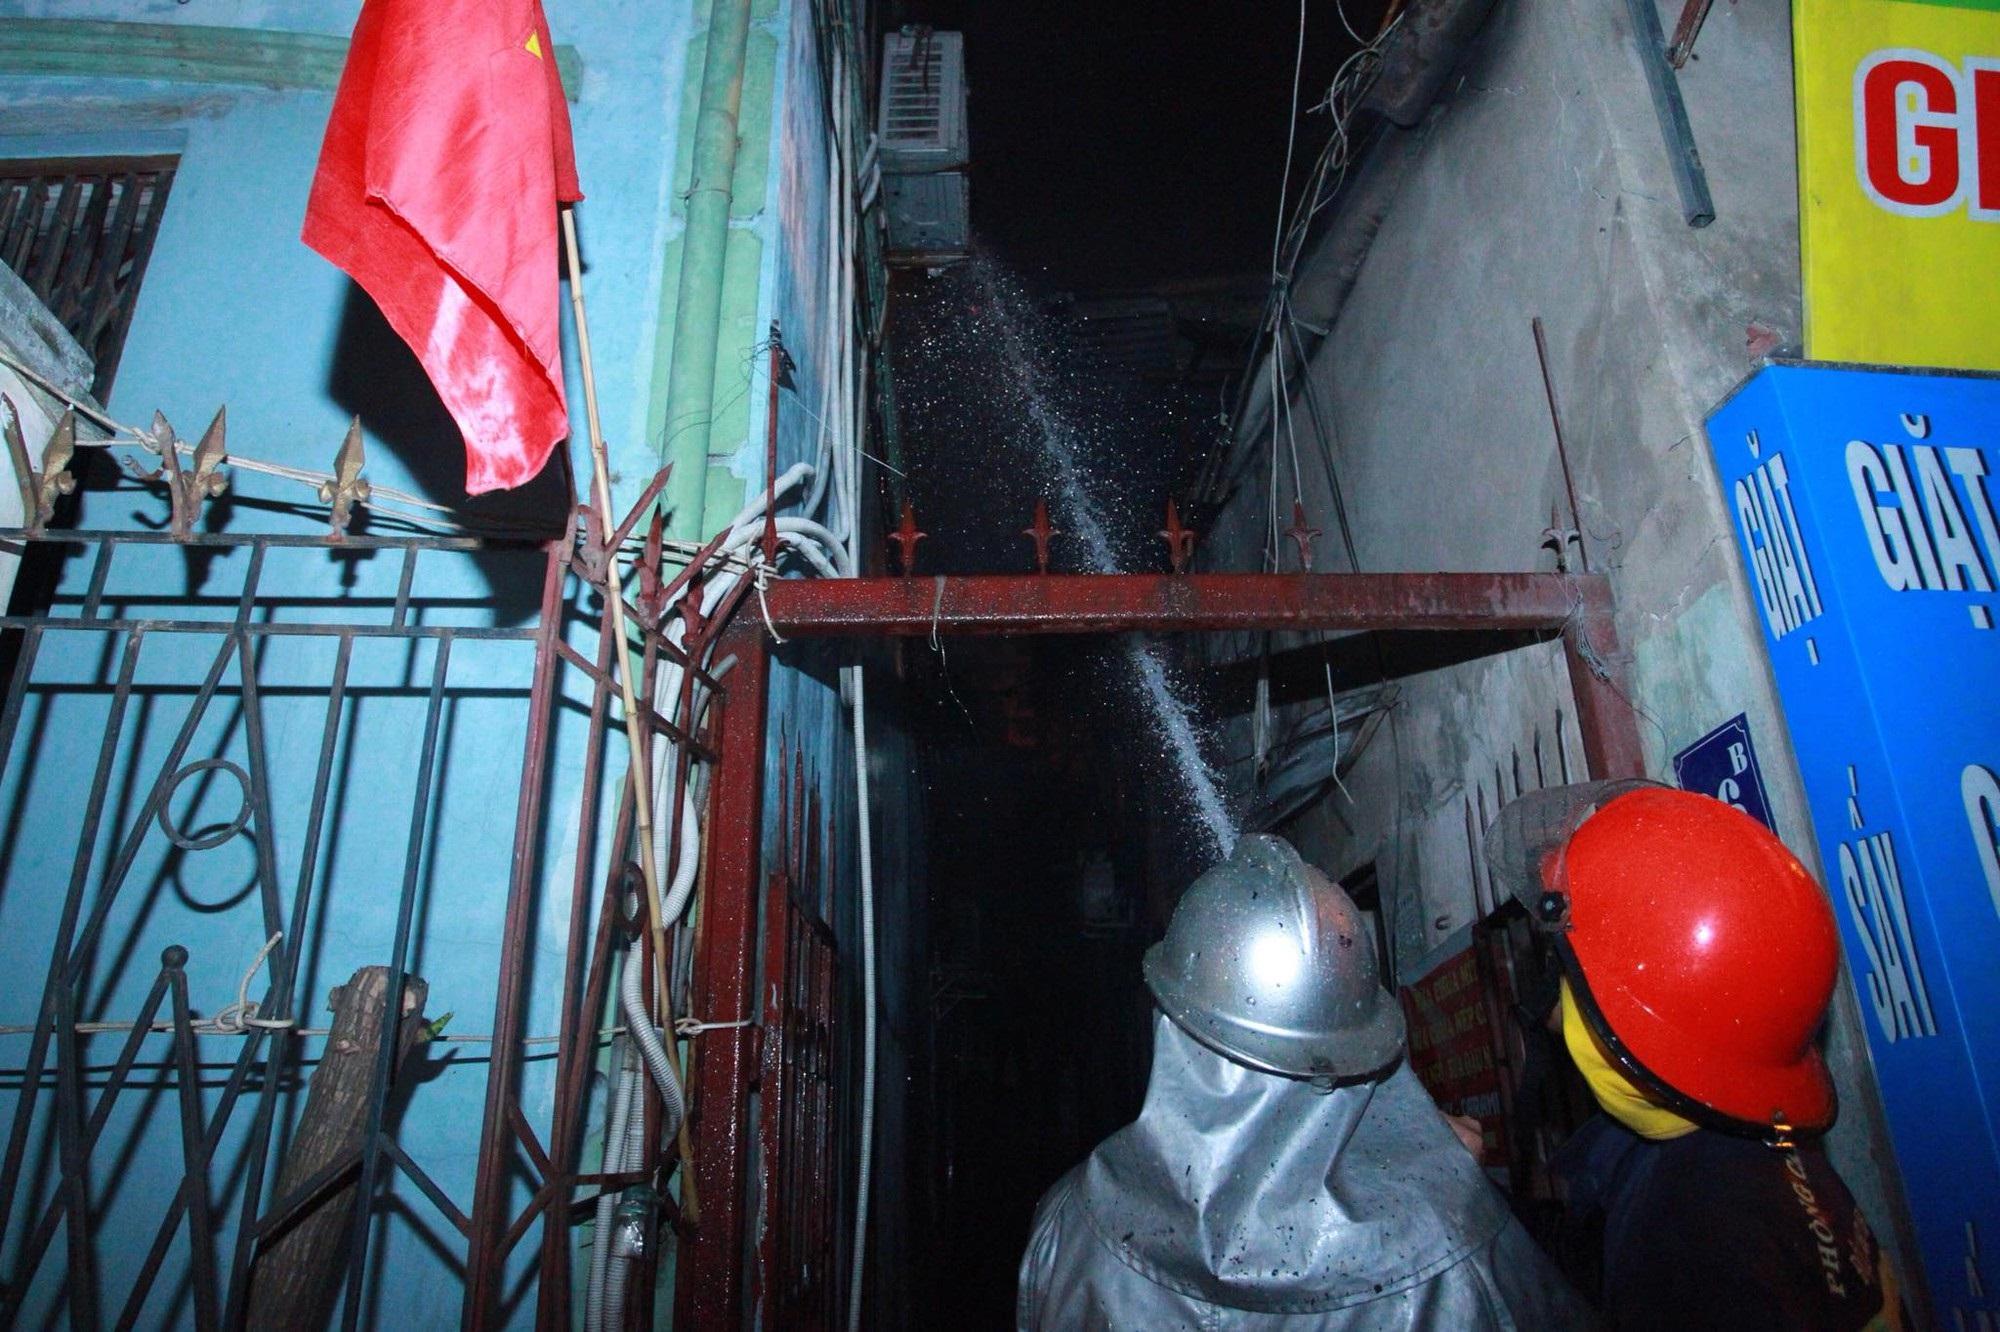 Hà Nội: Cháy lớn cửa hàng giặt là và sang chiết gas, nhiều tài sản bị thiêu rụi hoàn toàn - Ảnh 4